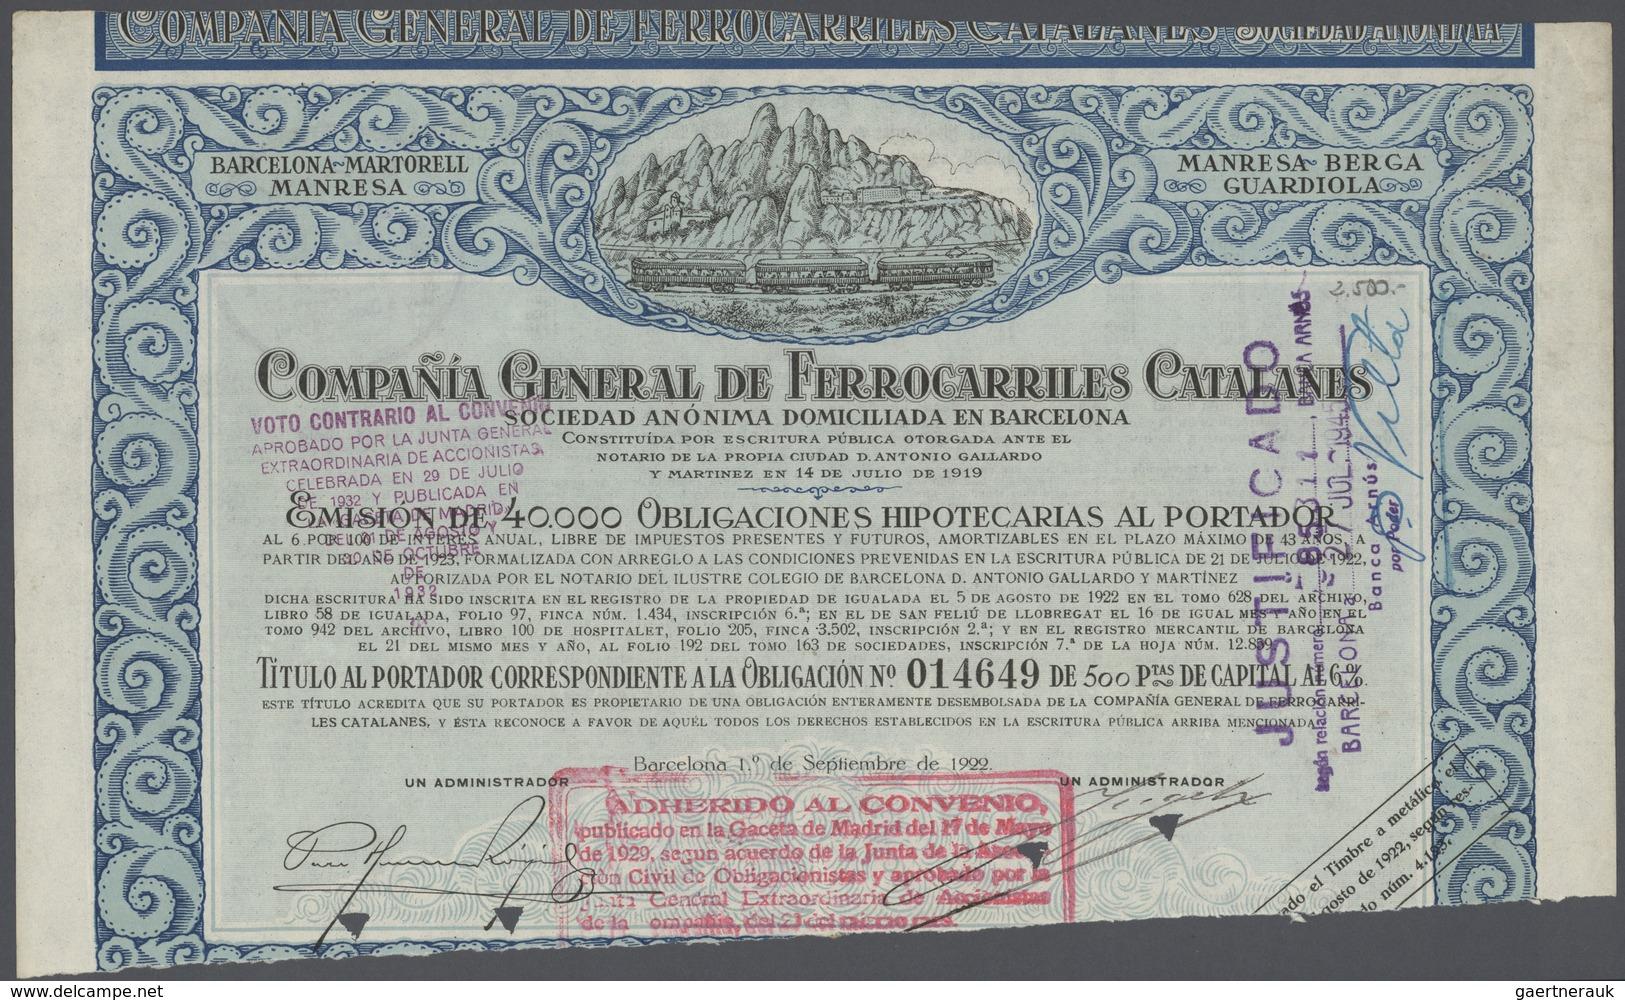 32965 Varia (im Briefmarkenkatalog): 1840er Ff.: Mehrere Hundert Aktien, Wertpapiere, Anleihen, Obligation - Unclassified